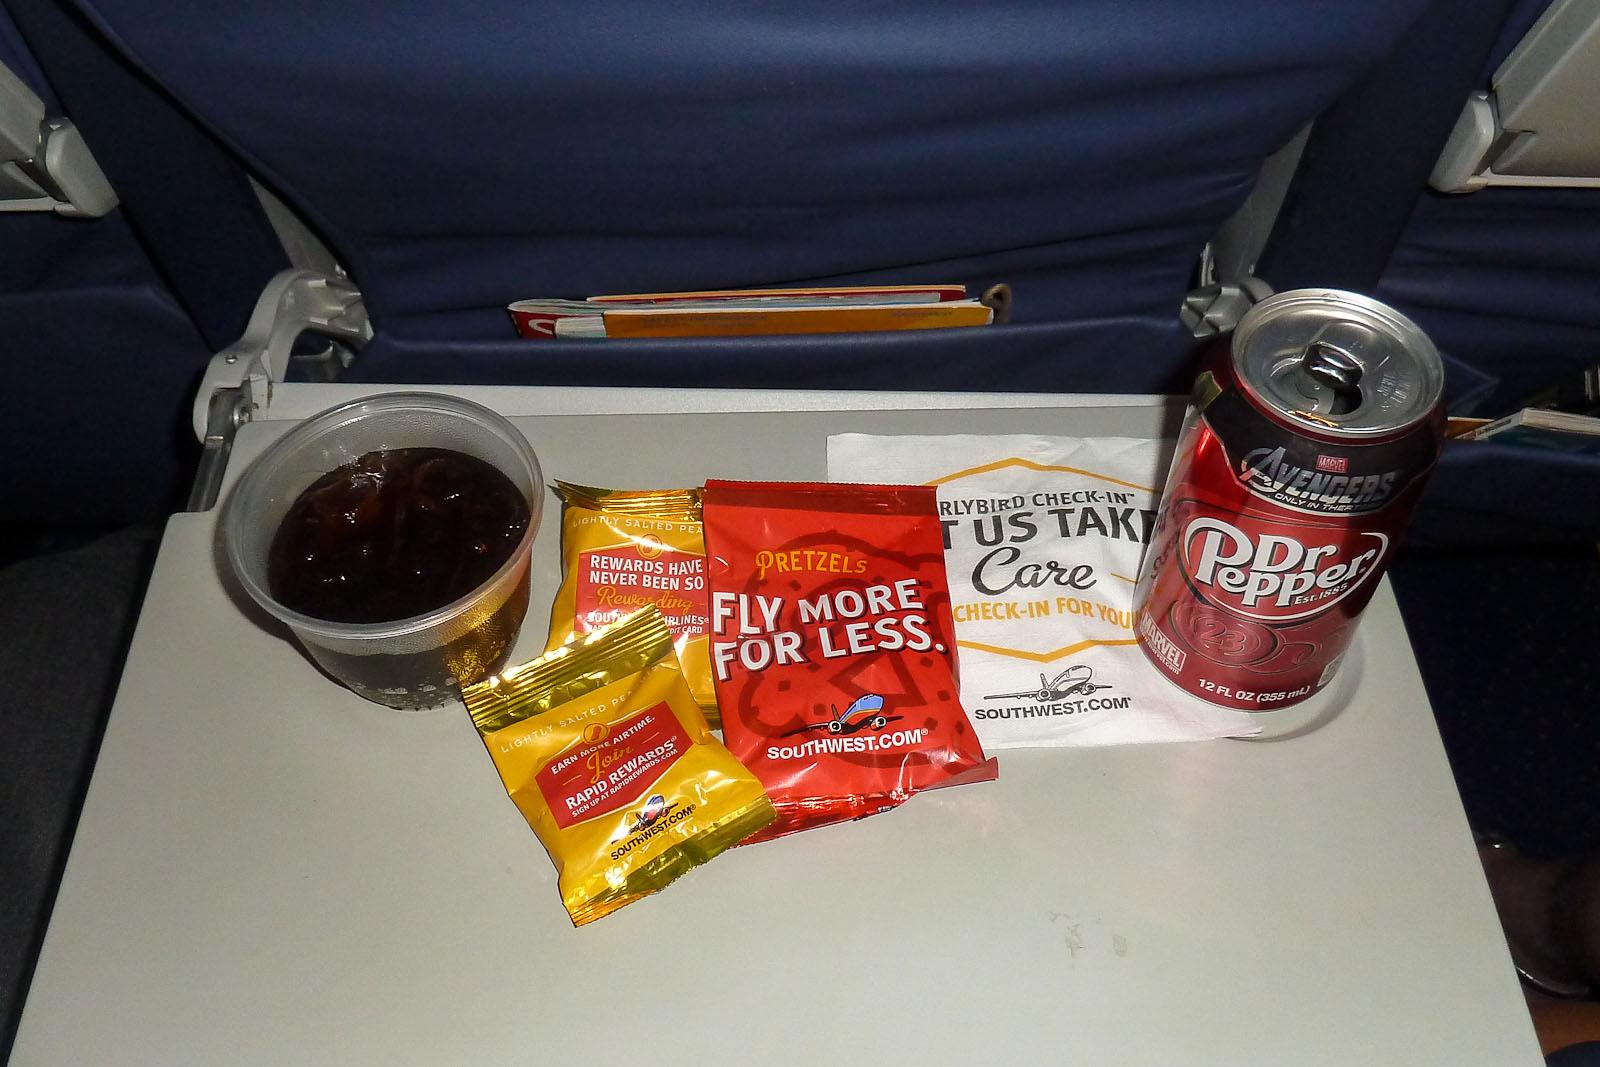 Орехи на рейсе авиакомпании Southwest Airlines